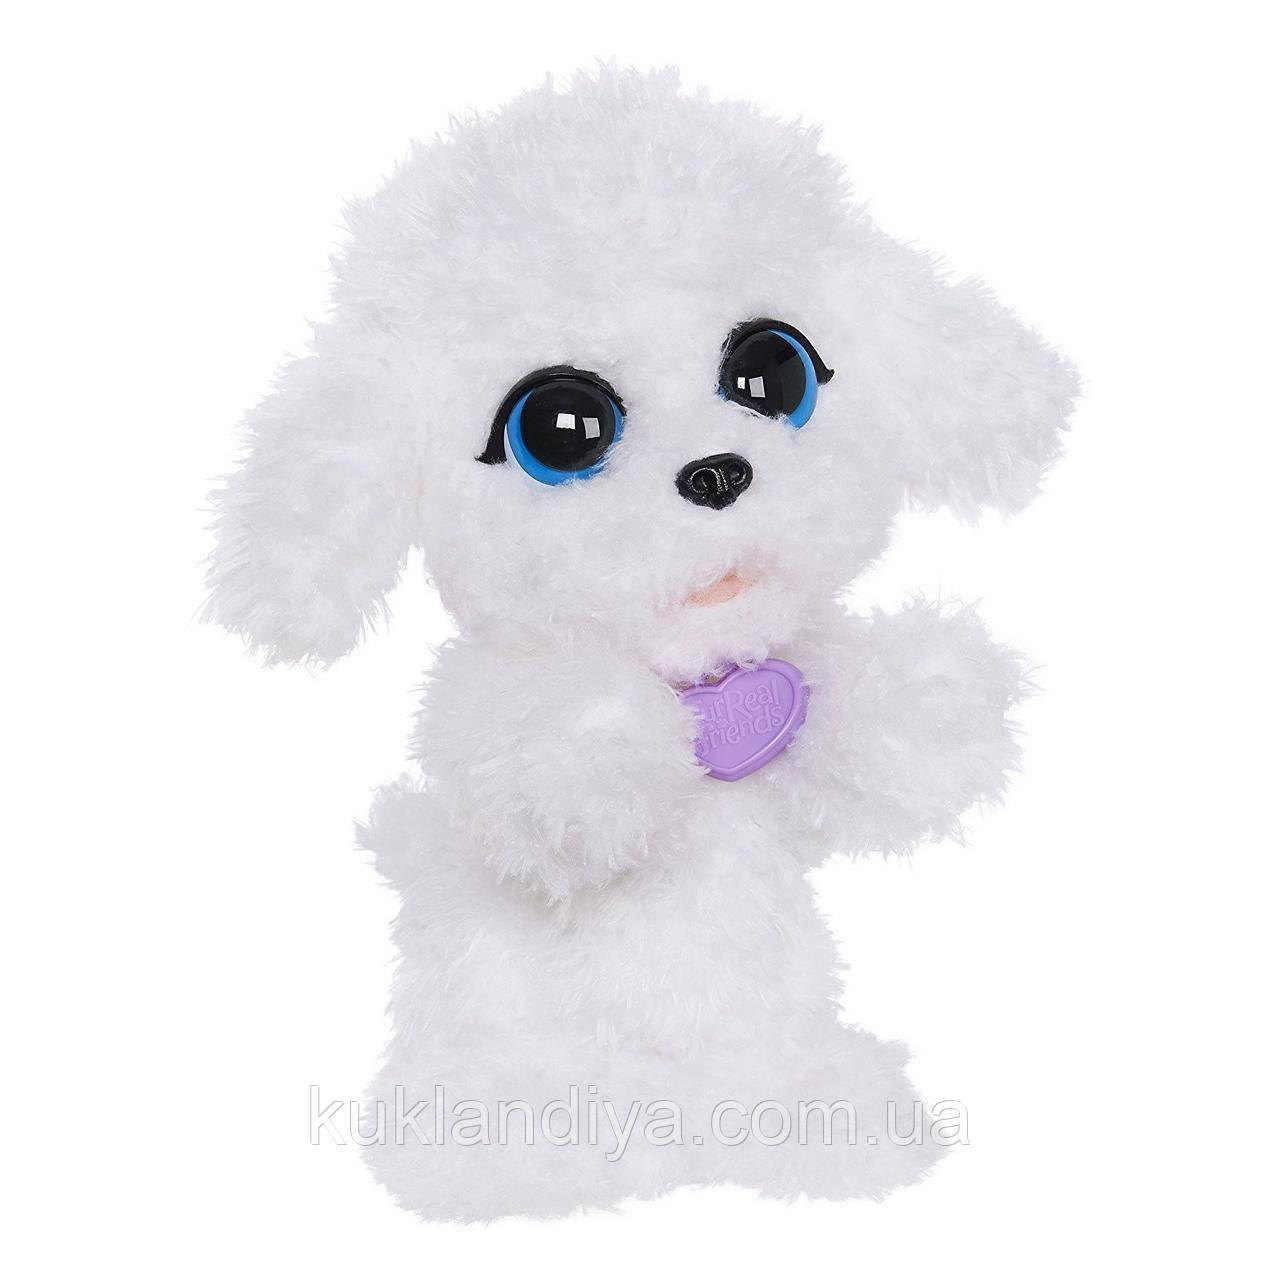 Интерактивный щенок FurReal Мой прыгающий пудель